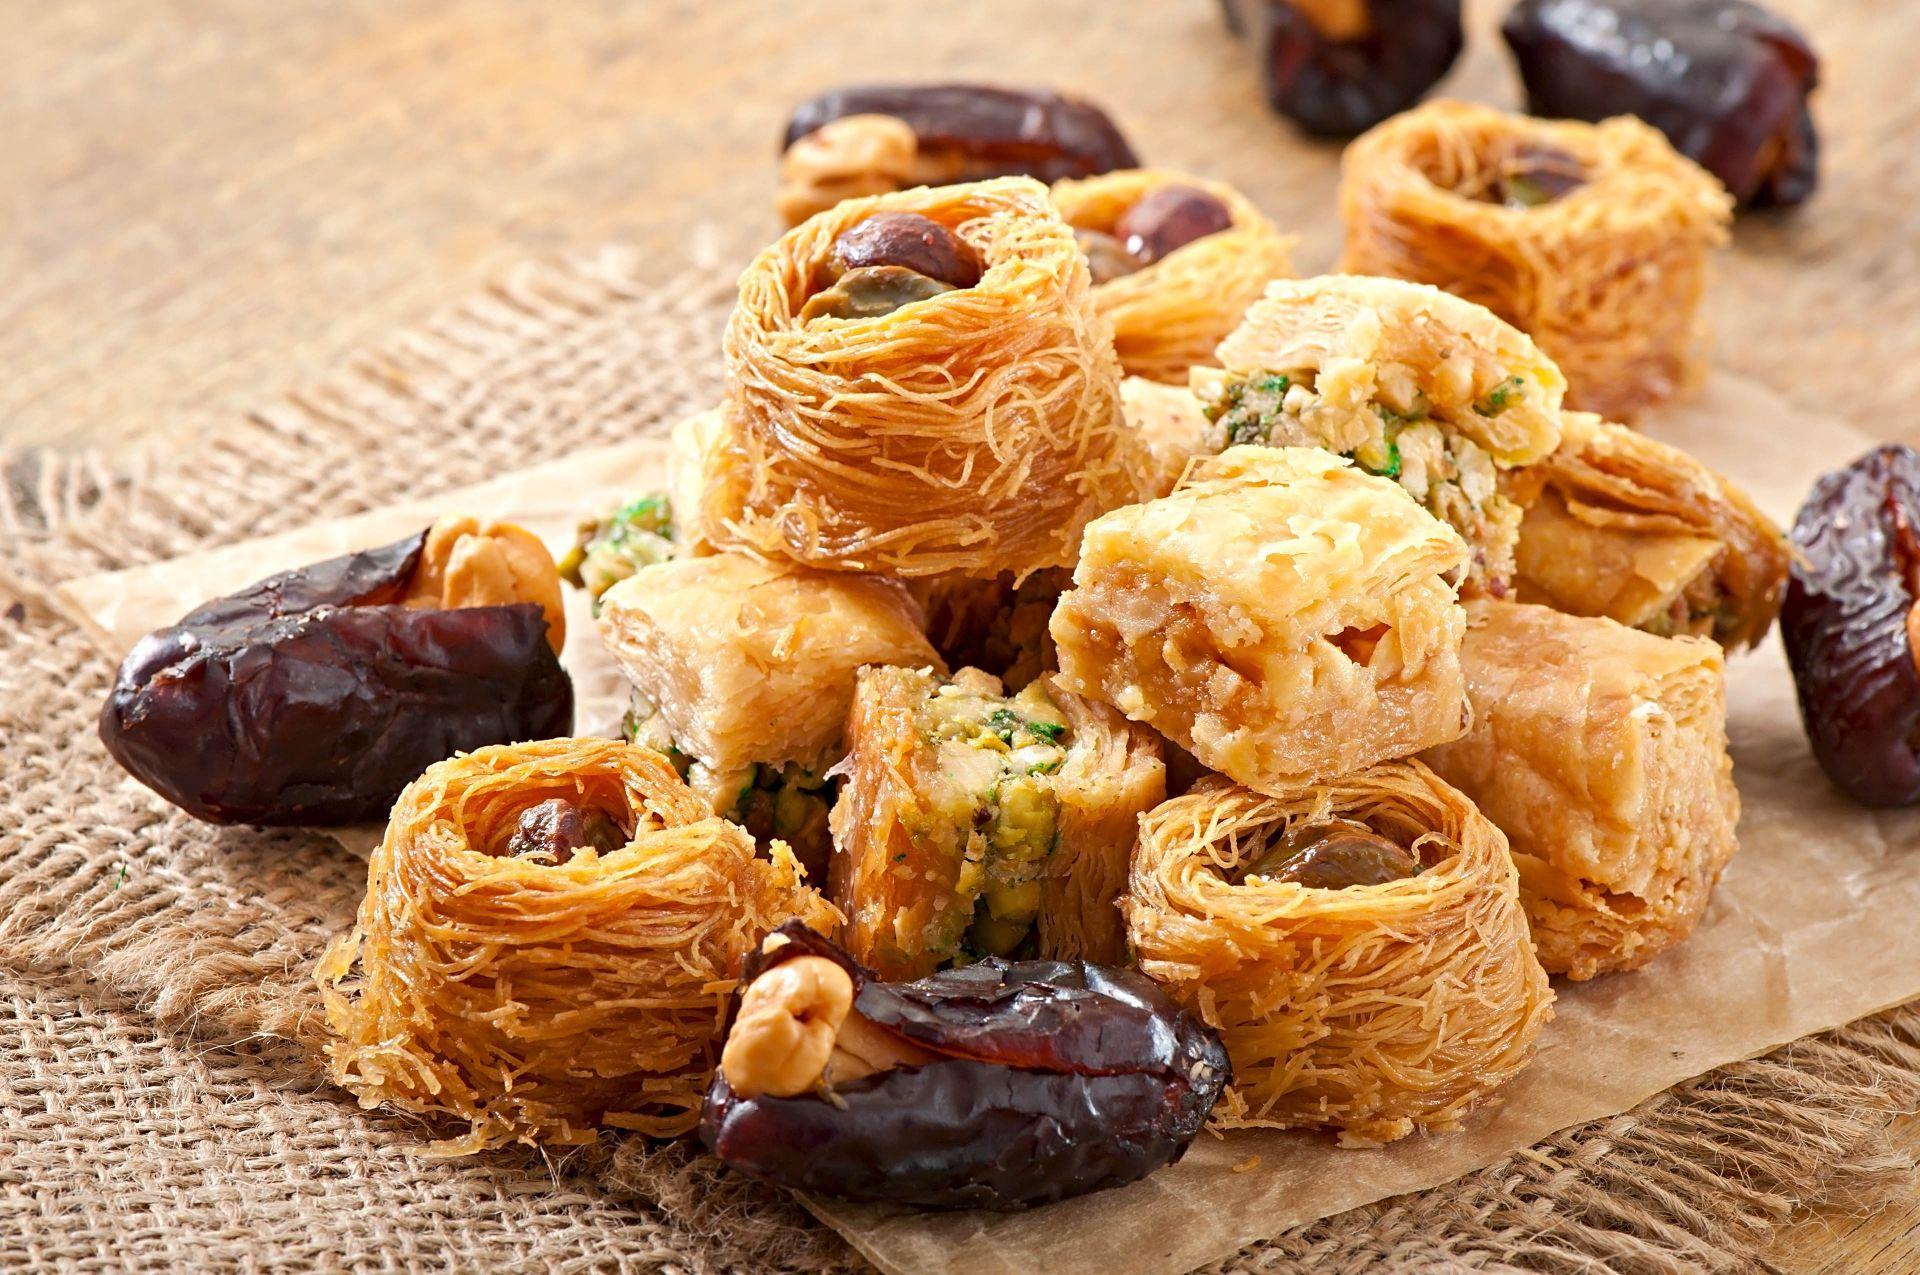 Enjoy your dessert in Heraklion